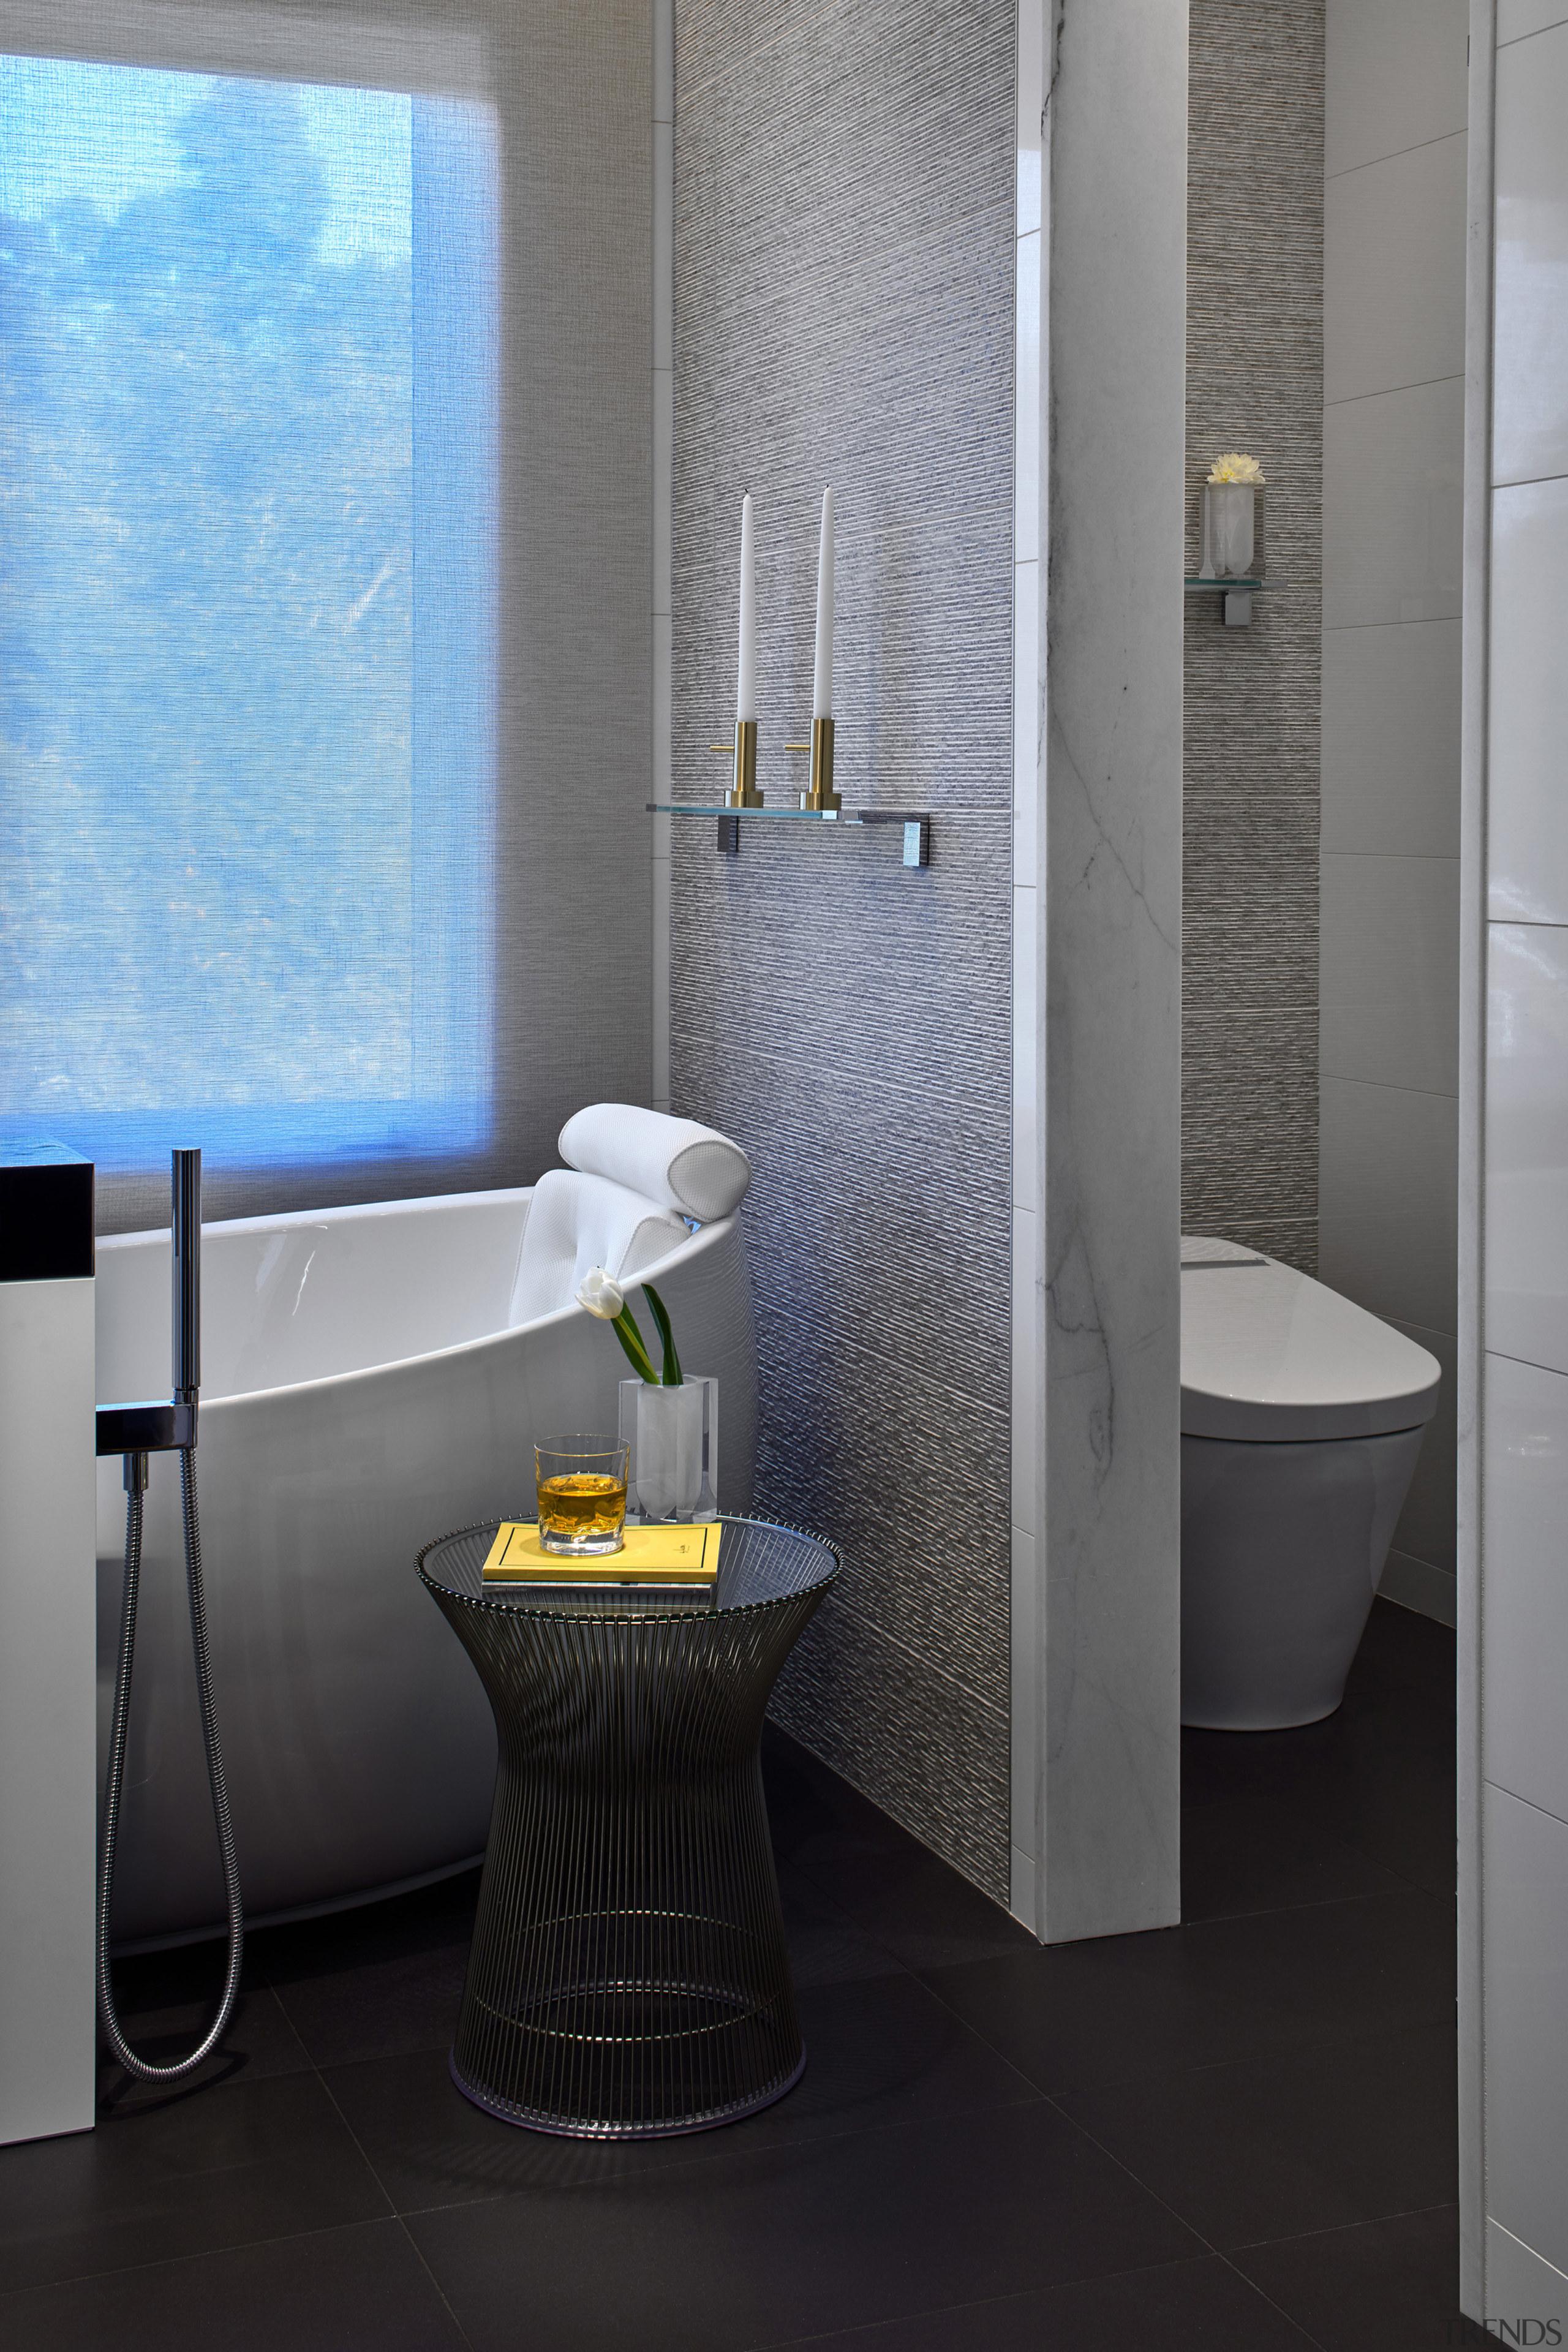 Textured wall tile meets marble door jamb on bathroom, bidet, ceramic, floor, interior design, plumbing fixture, room, tap, tile, toilet, toilet seat, gray, black